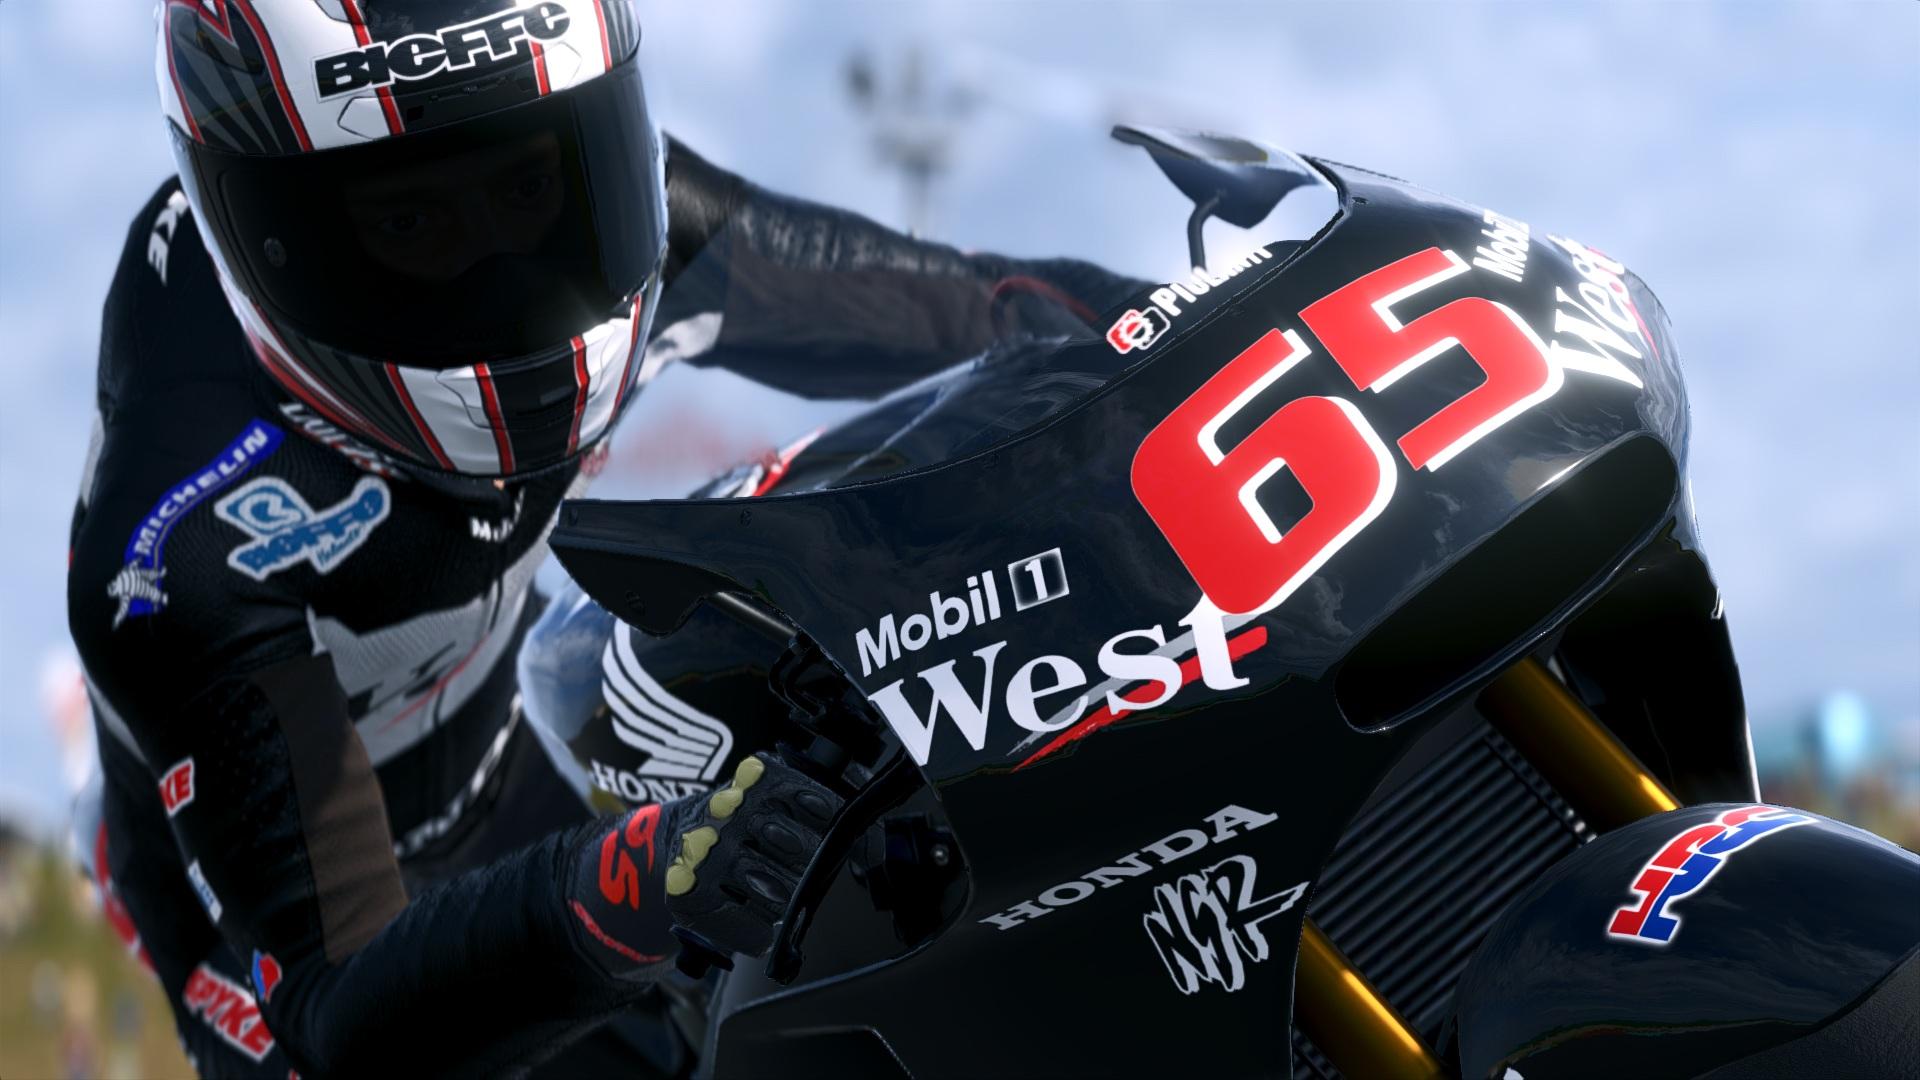 MotoGP14X64.exe_DX11_20140821_143043.jpg